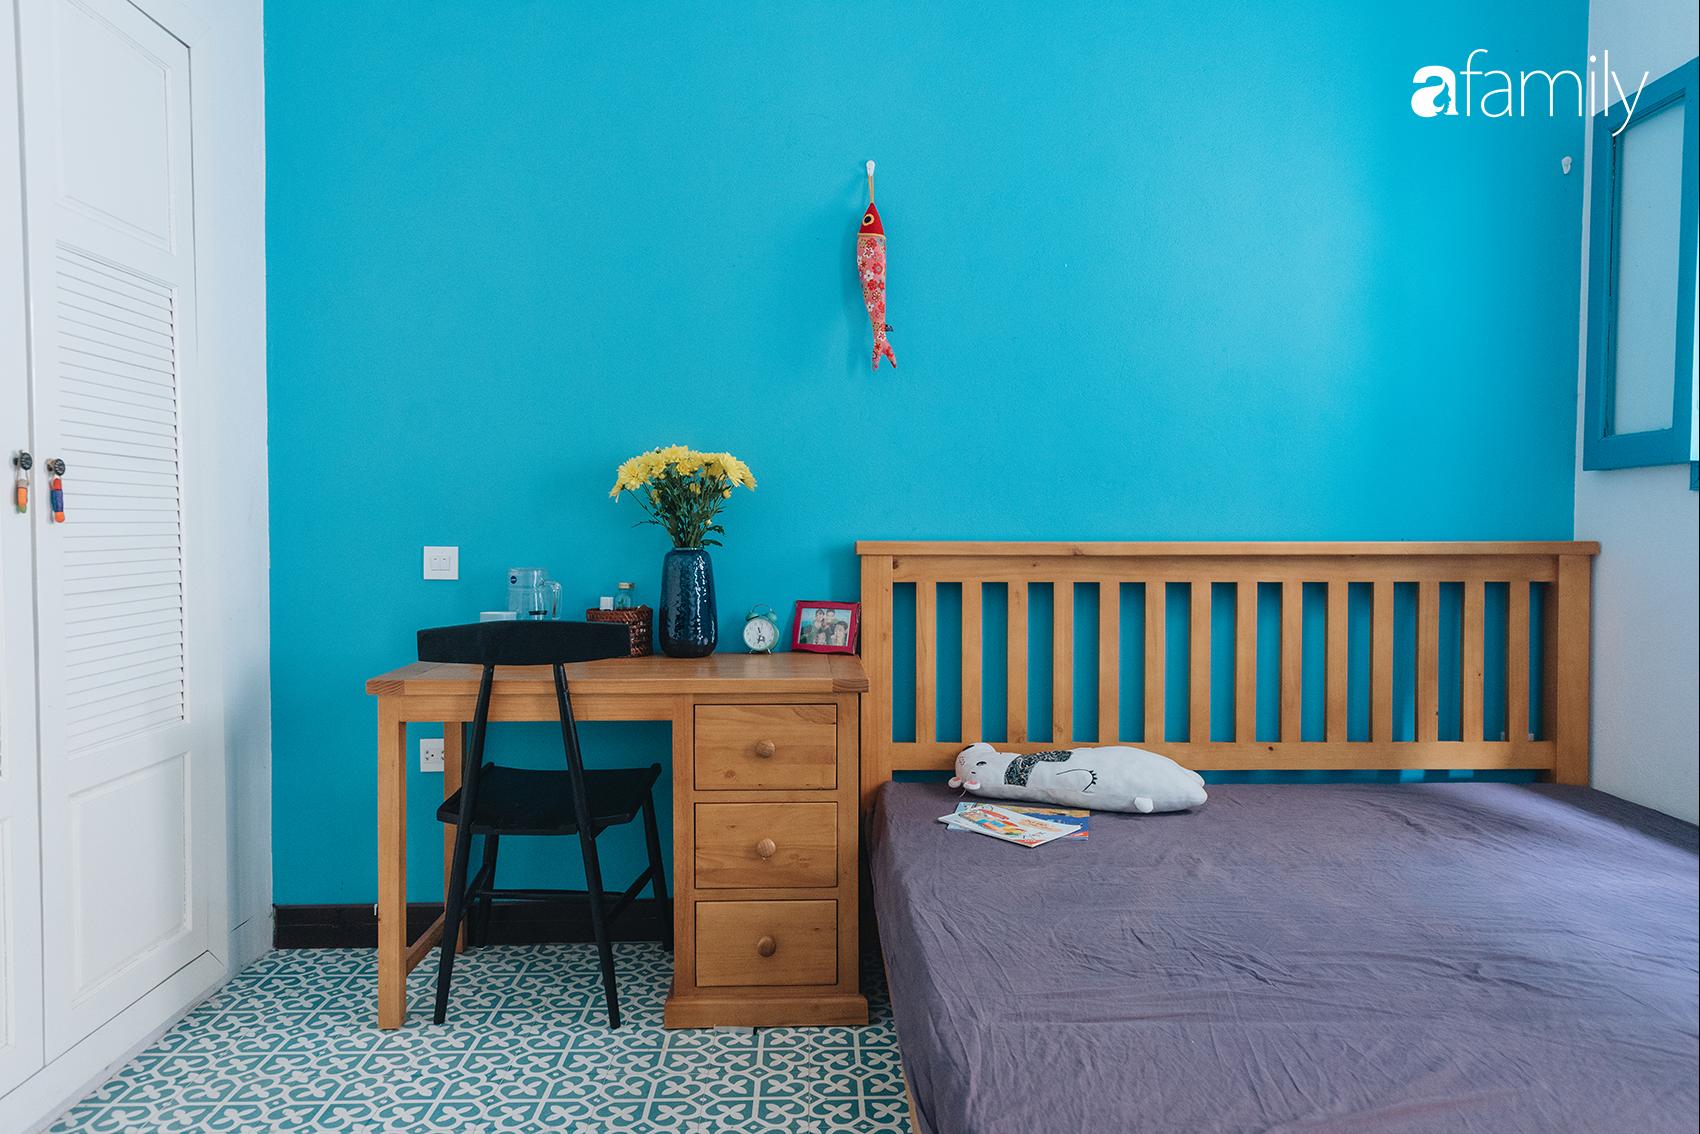 Ngôi nhà 48m² phong cách Địa Trung Hải tự tay làm… gần hết với tổng chi phí nội thất chỉ 70 triệu đồng của cặp vợ chồng 8x ở Hà Nội - Ảnh 13.